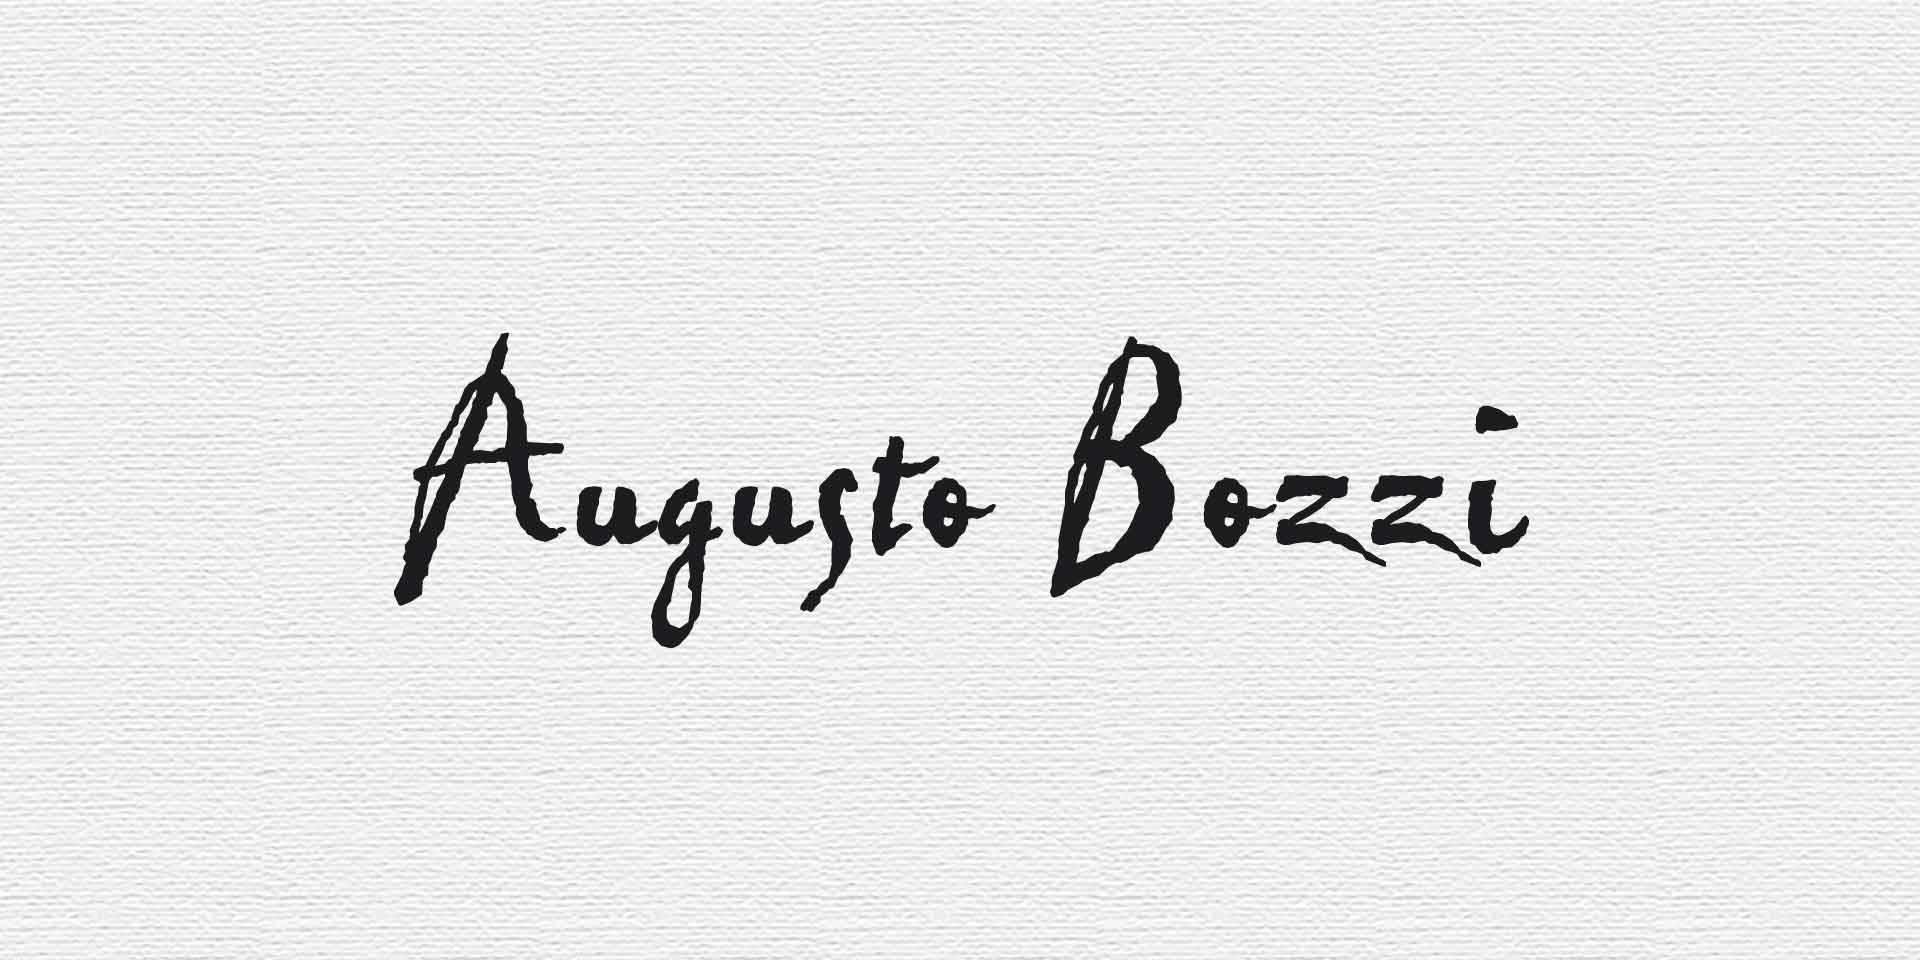 Augusto Bozzi